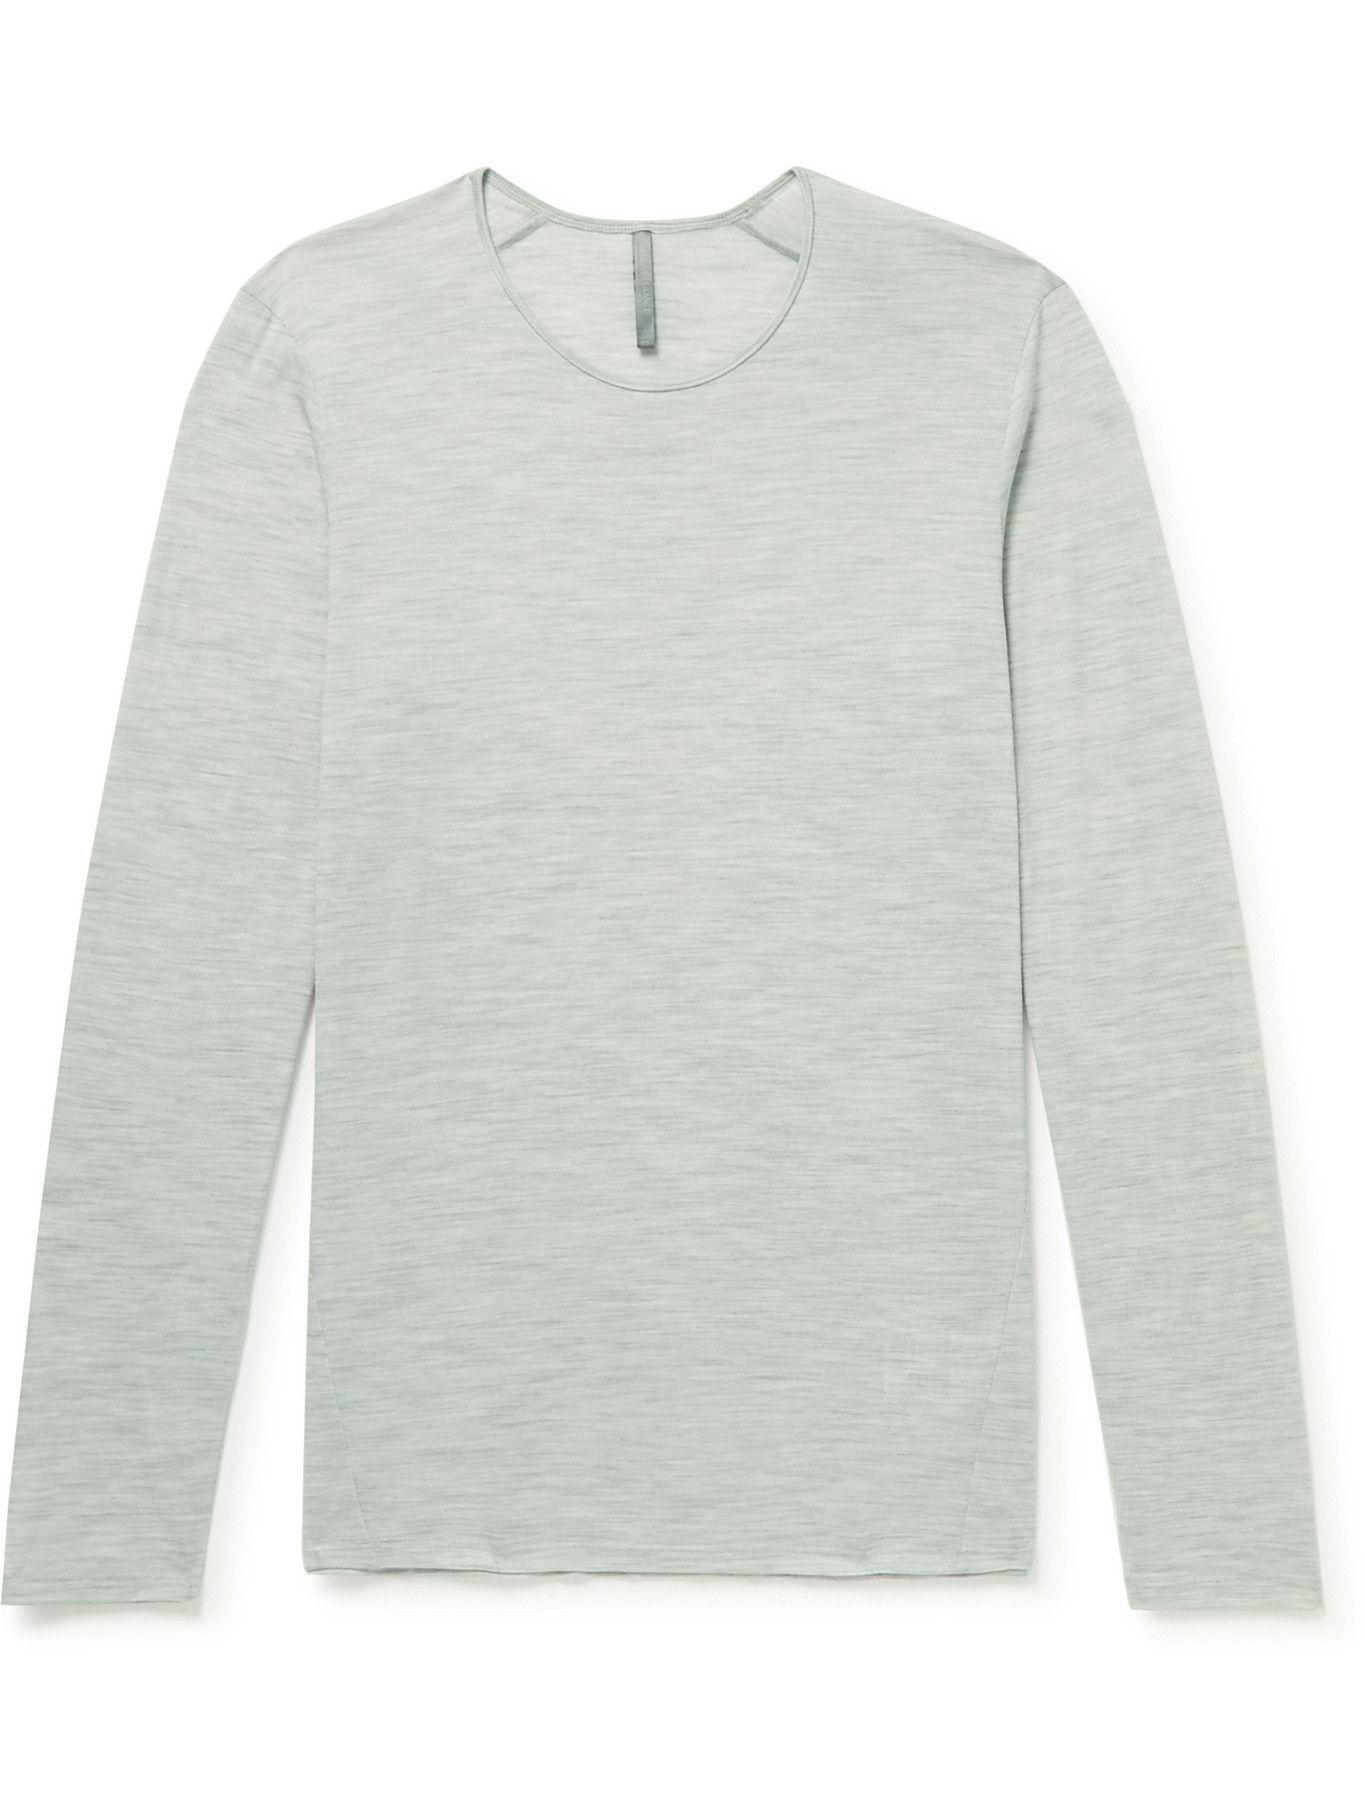 Photo: Veilance - Frame Wool-Blend T-Shirt - Gray